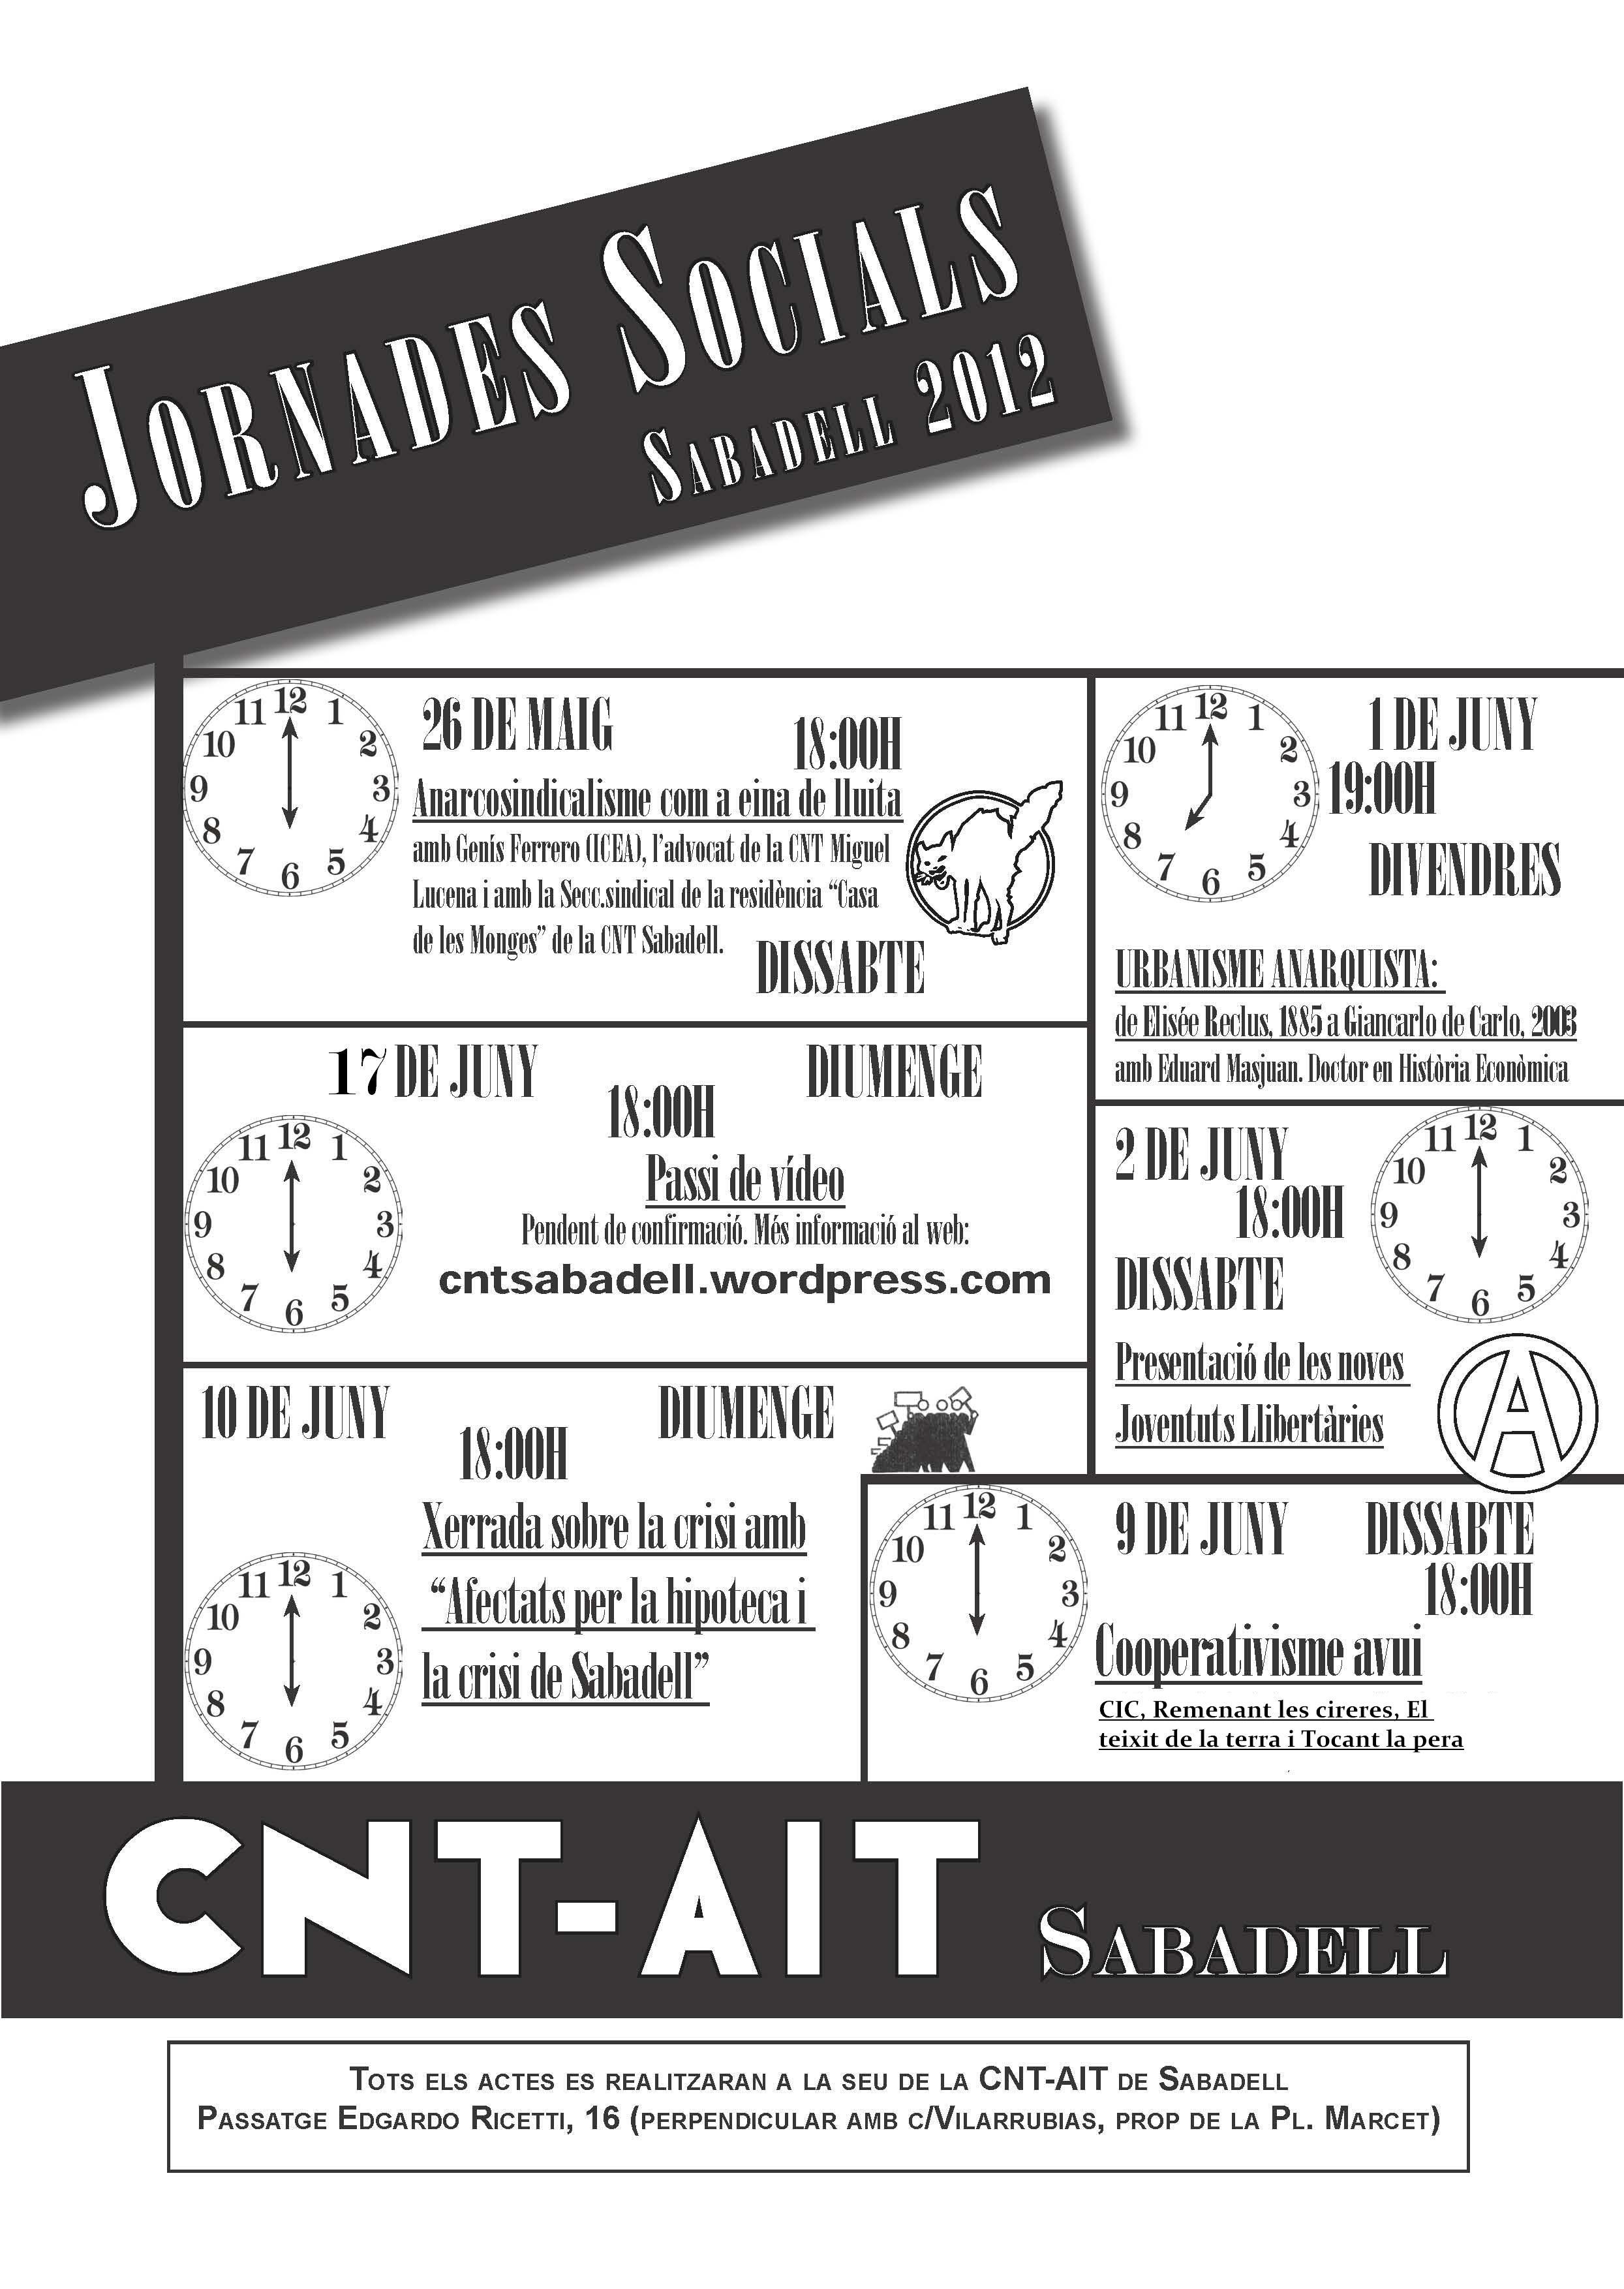 [CNT Sabadell] Jornades socials 2012